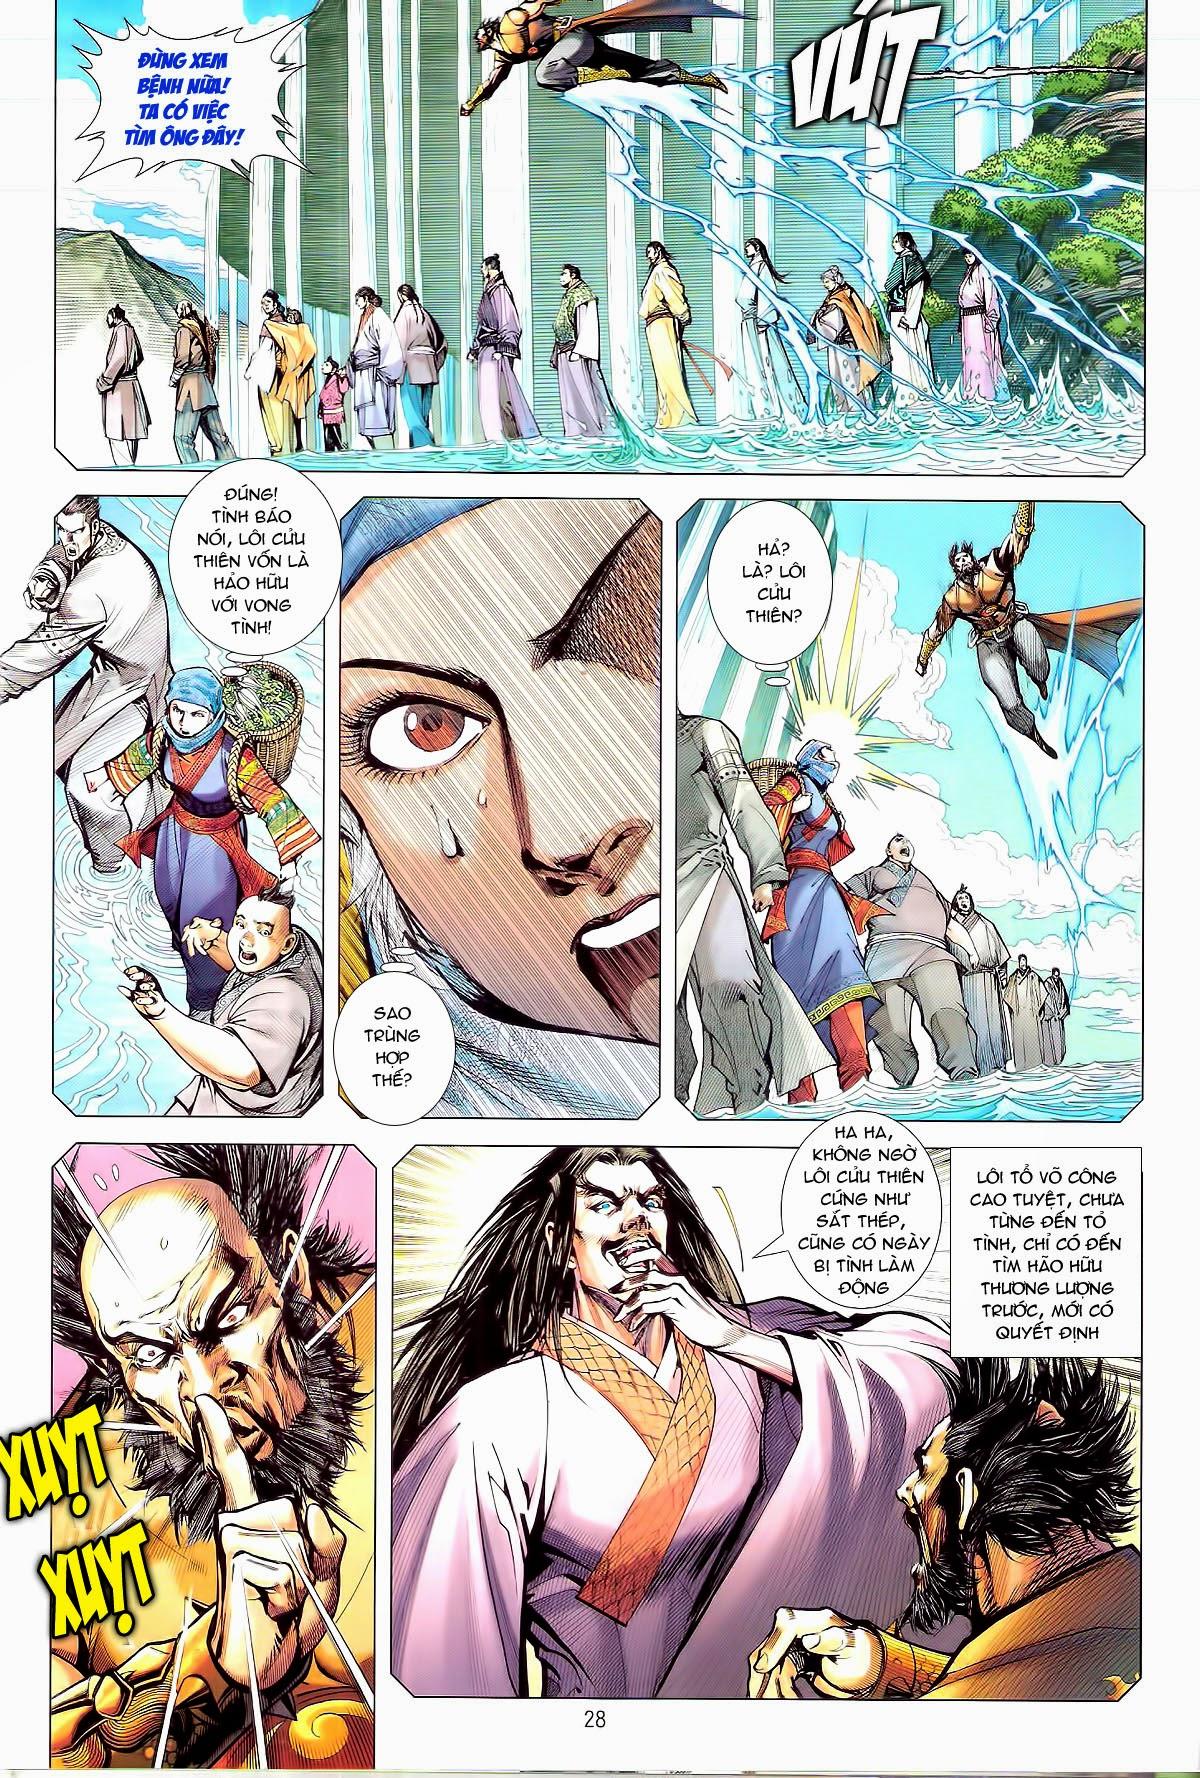 truyện tranh thiết tướng tung hoành Chapter 80/